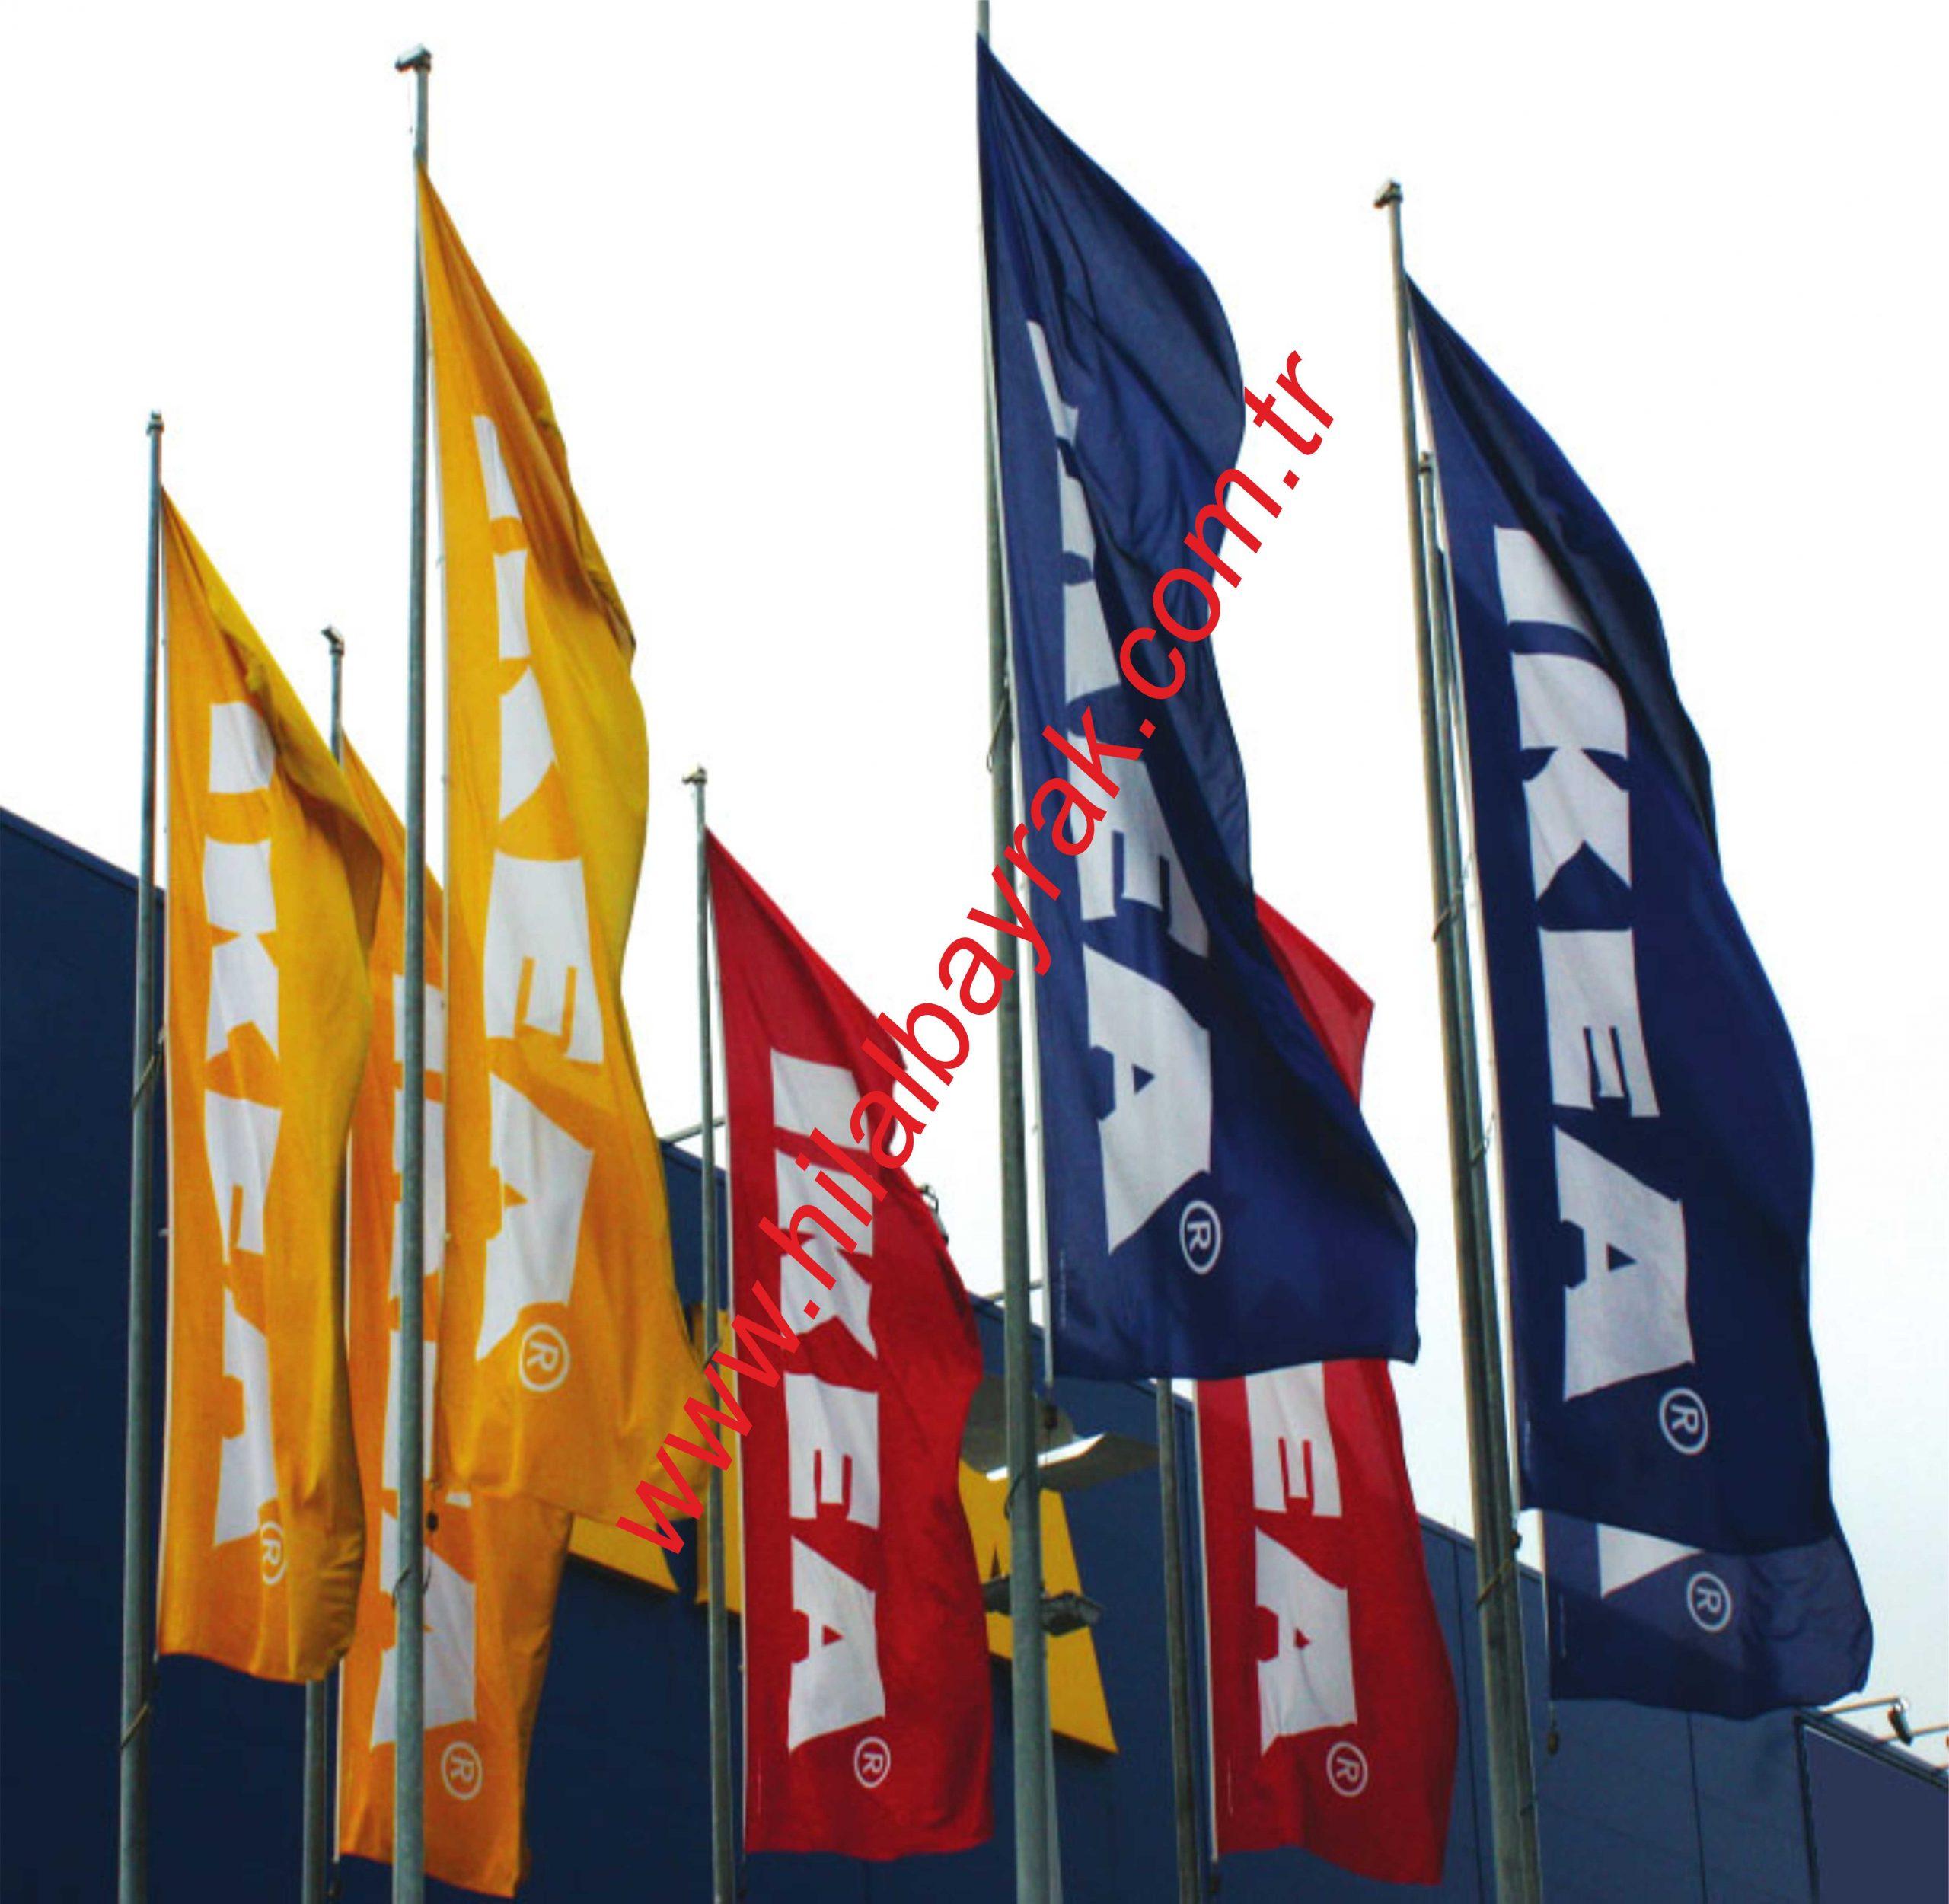 gönder bayrak satışı Kadıköy, gönder bayrak ümraniye, gönder flama bayrak üretimi, gönder bayrak Ümraniye, gönder bayrak imalatı, gönder türk bayrağı, gönder bayrakları, bayrak satışı ACİL 7 24 HİZMET ümraniye